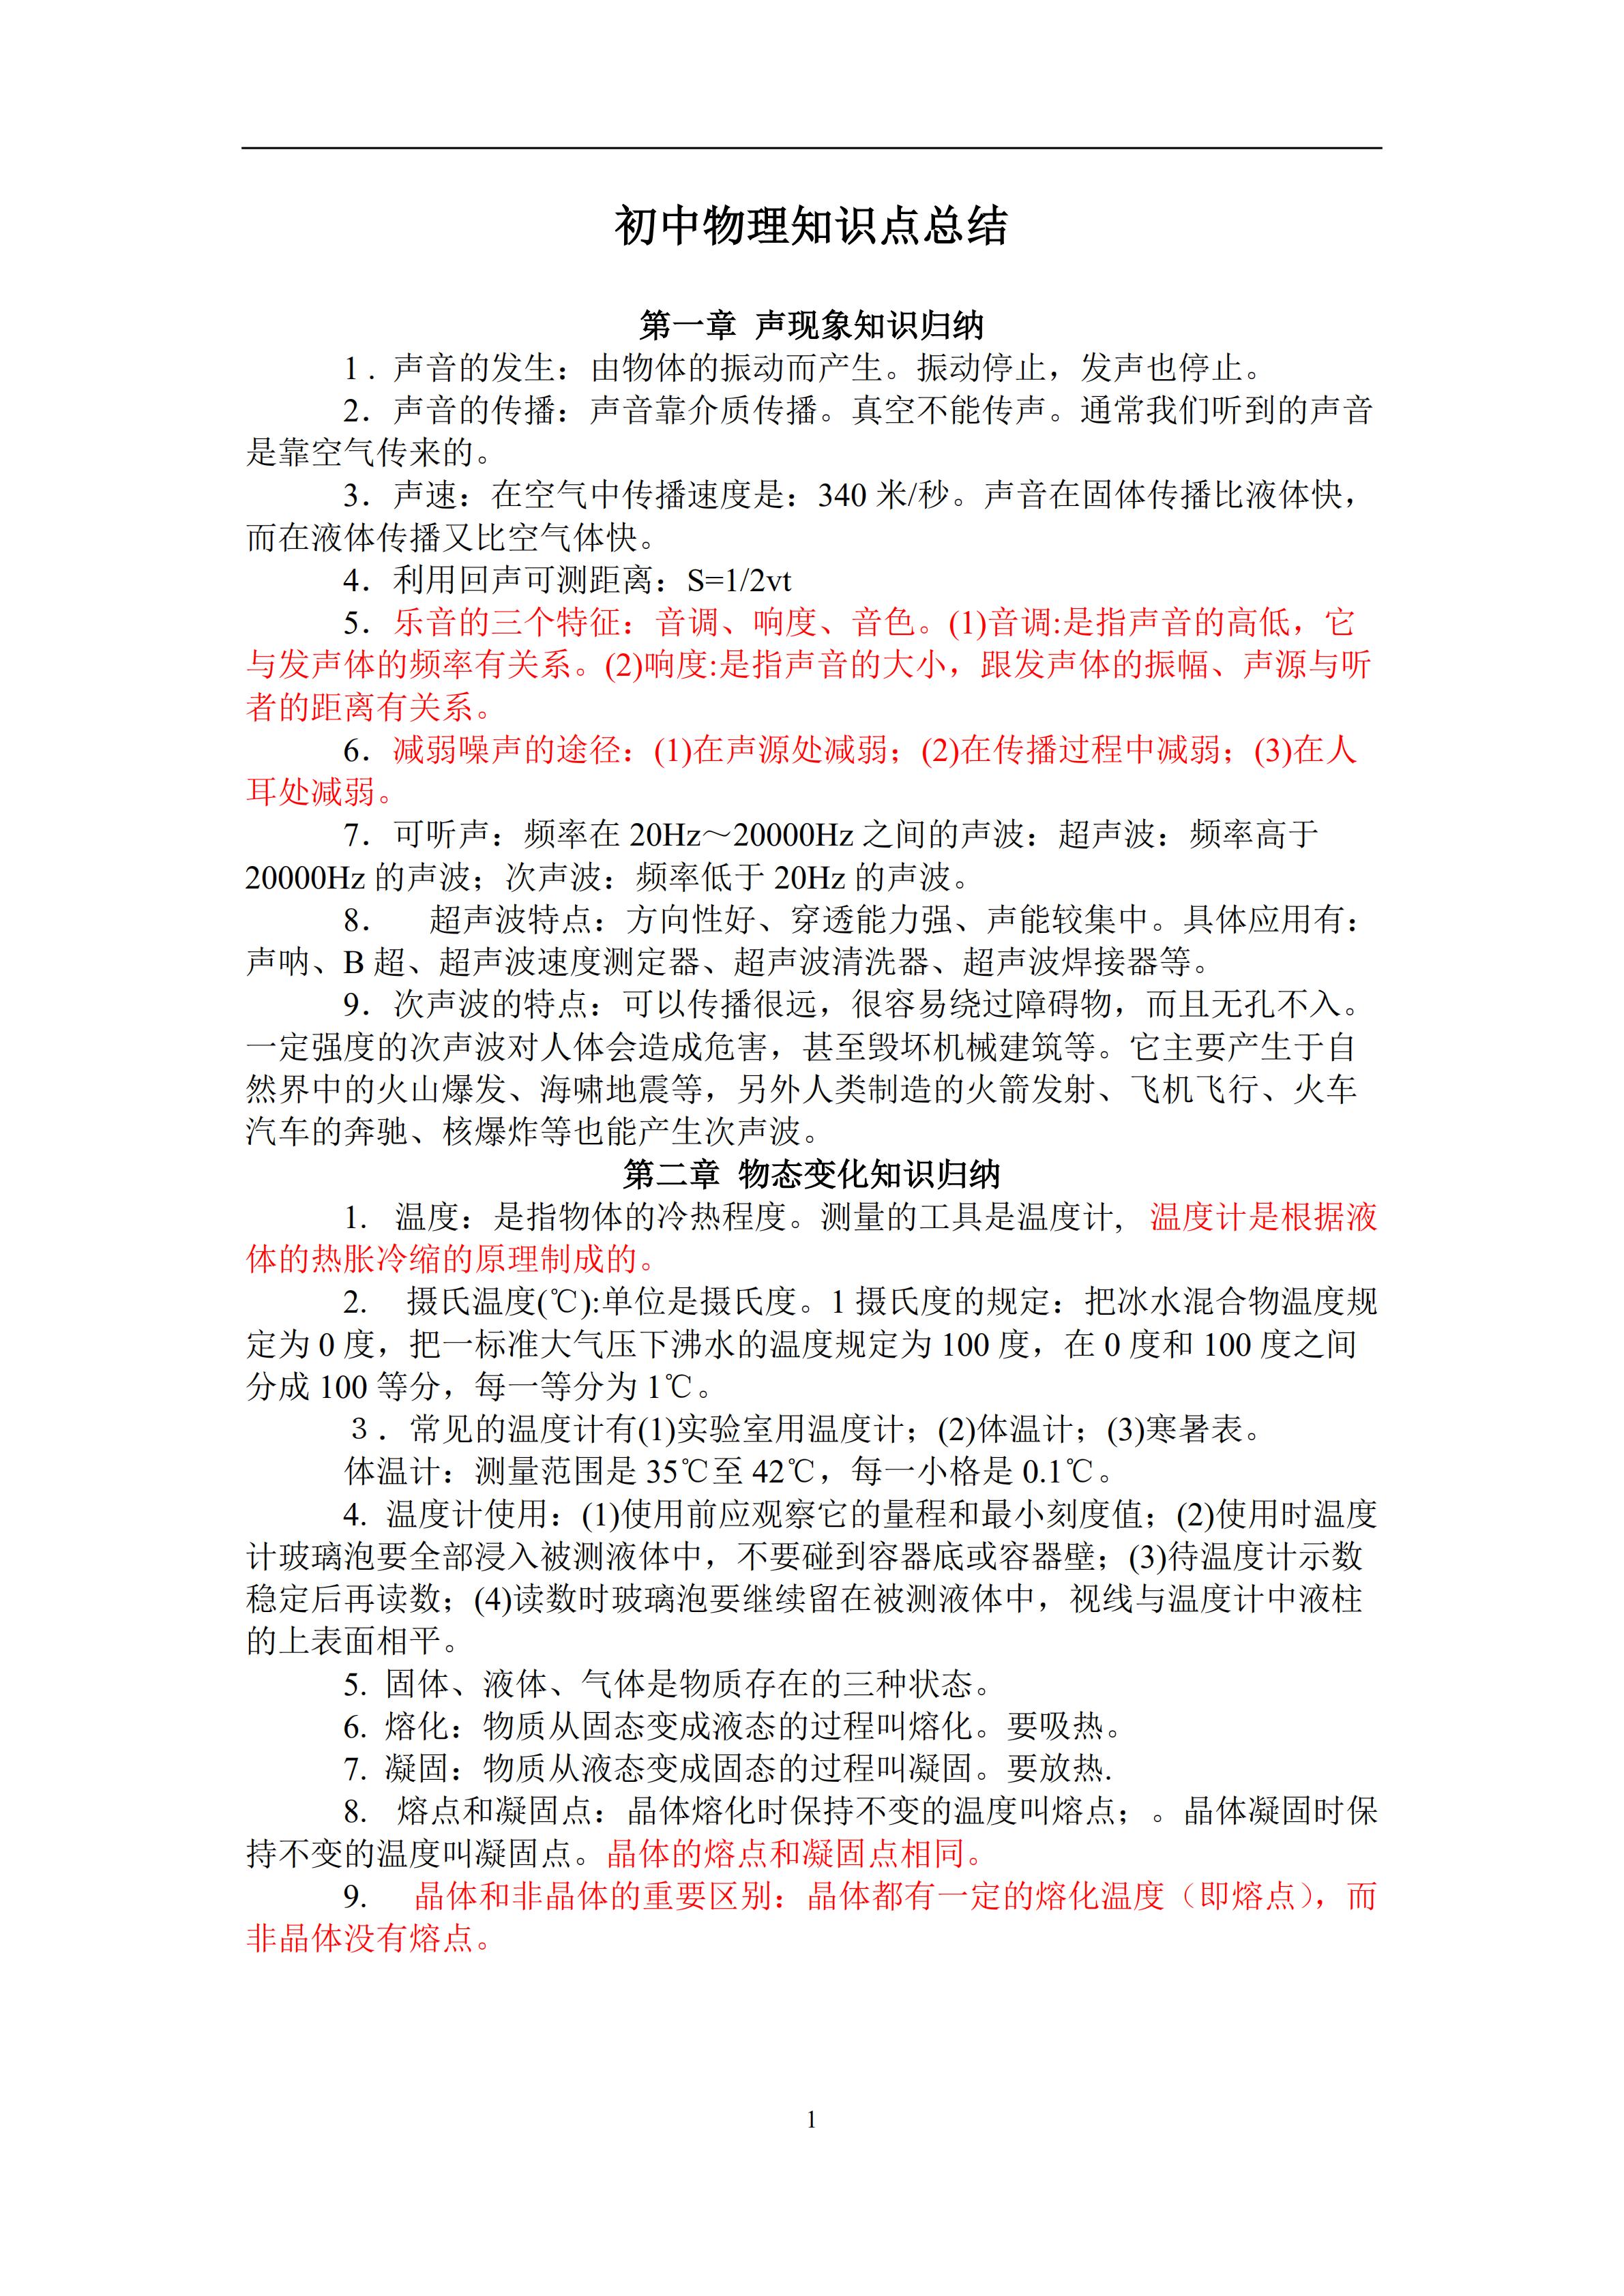 家长公式知识点学生中考_上海总结_初中帮2006学业v家长上海市初中物理年图片